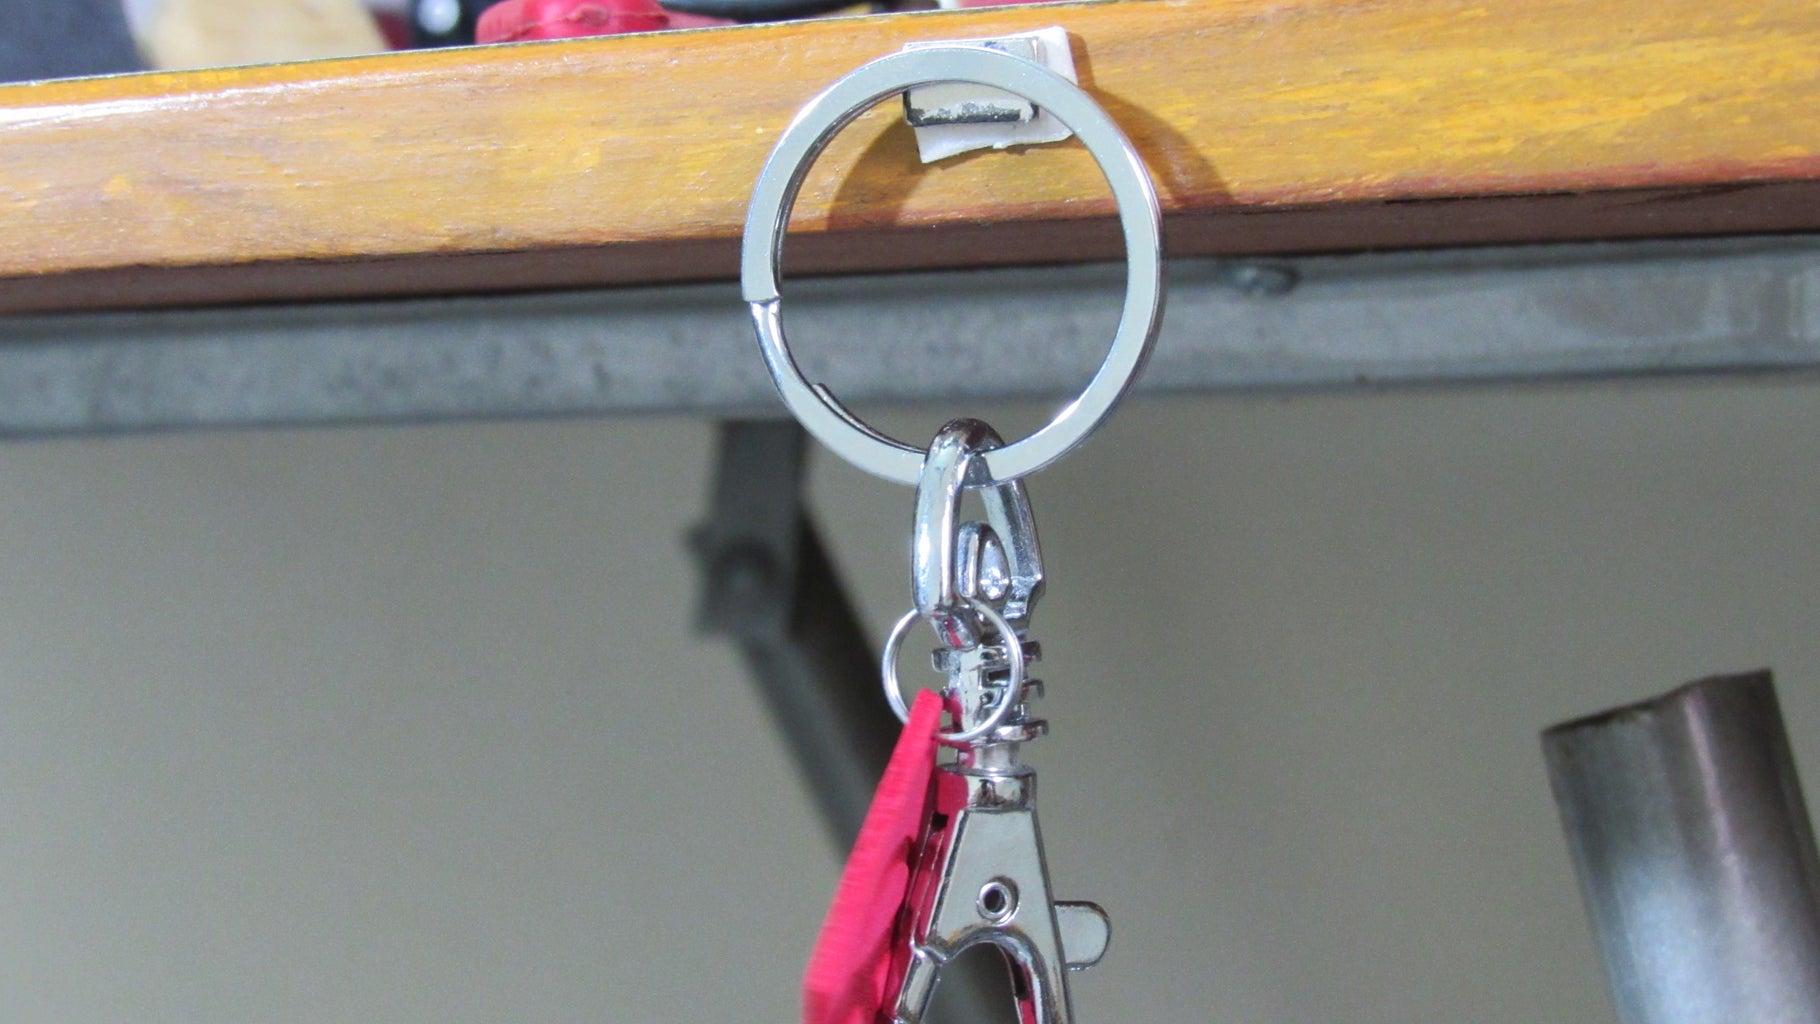 Key Chain Hanger / Tool Hanger